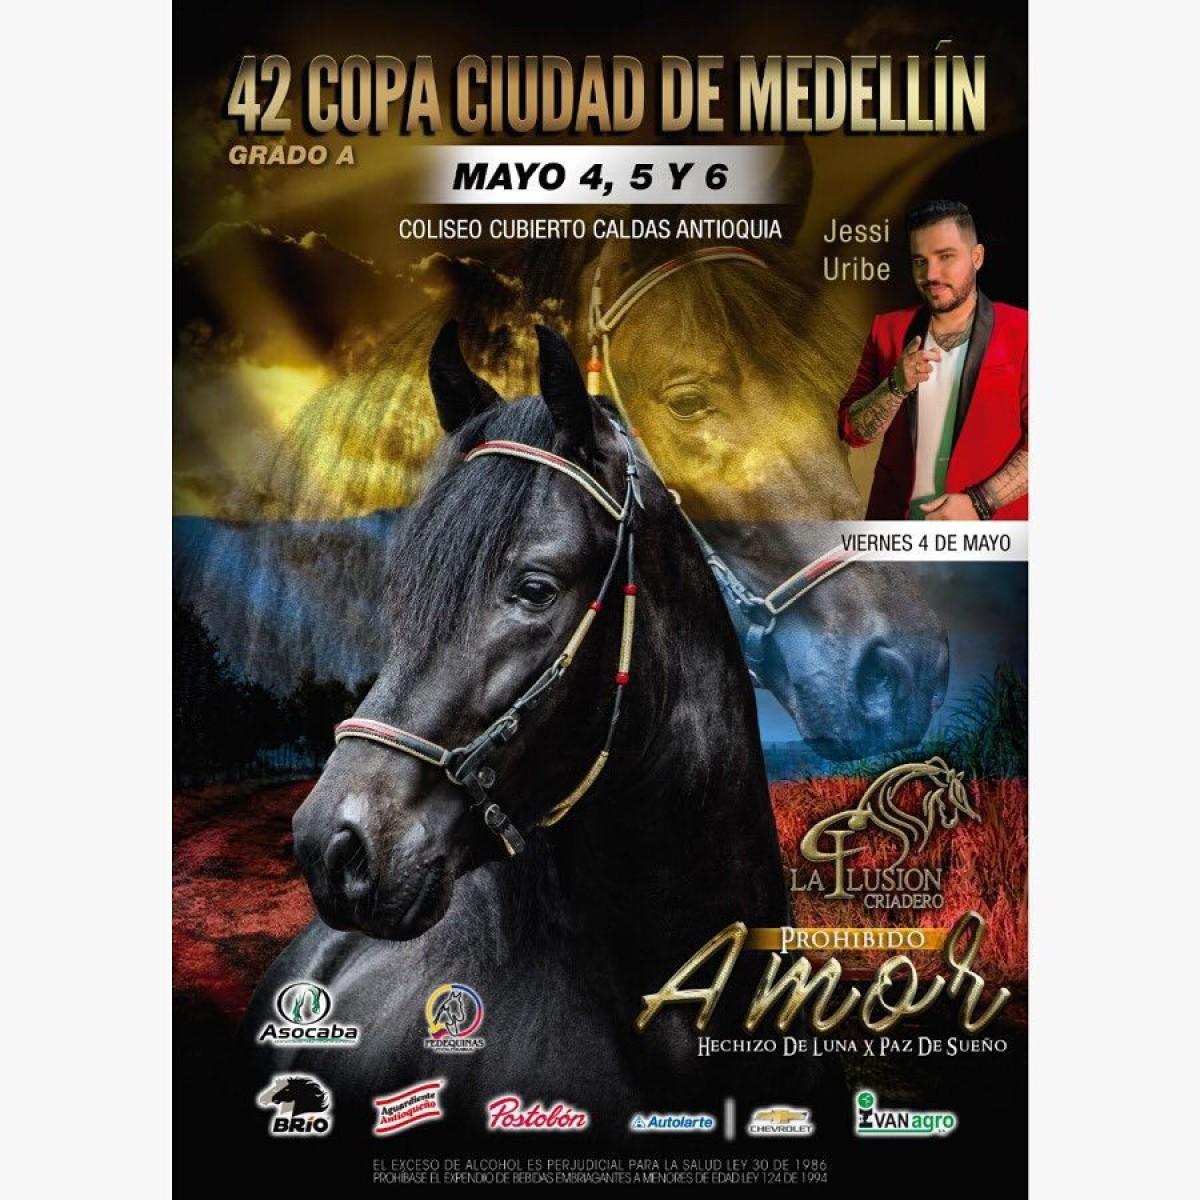 TRANSMISIÓN 42 Copa Ciudad de Medellín Grado A, Asocaba, Del 4 Al 6 De Mayo